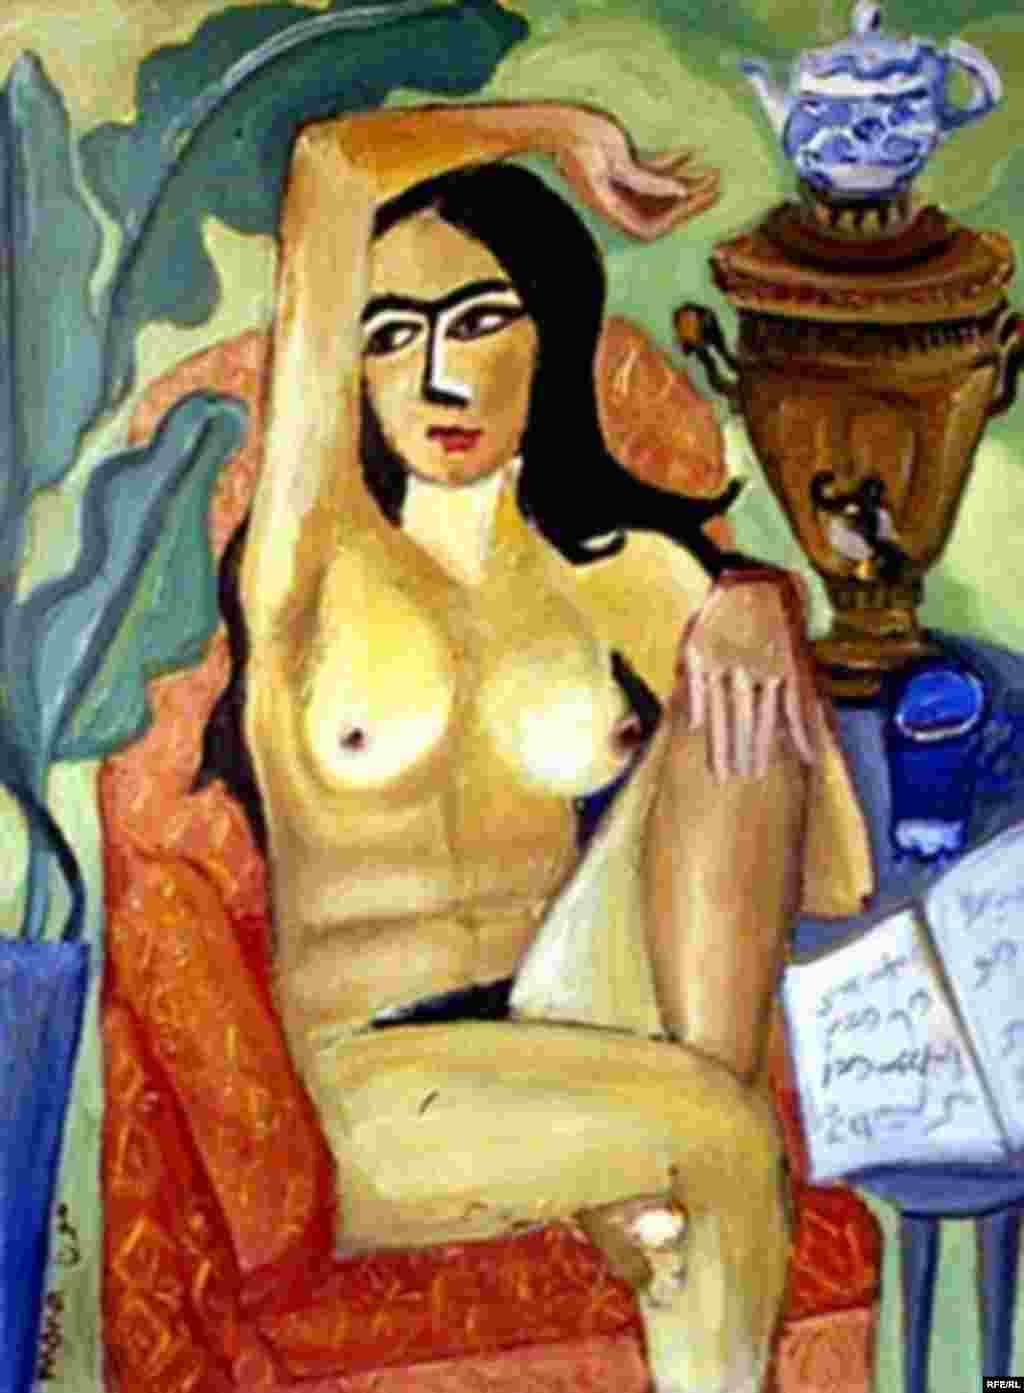 Iranian-American Artist Mona Shomali #1